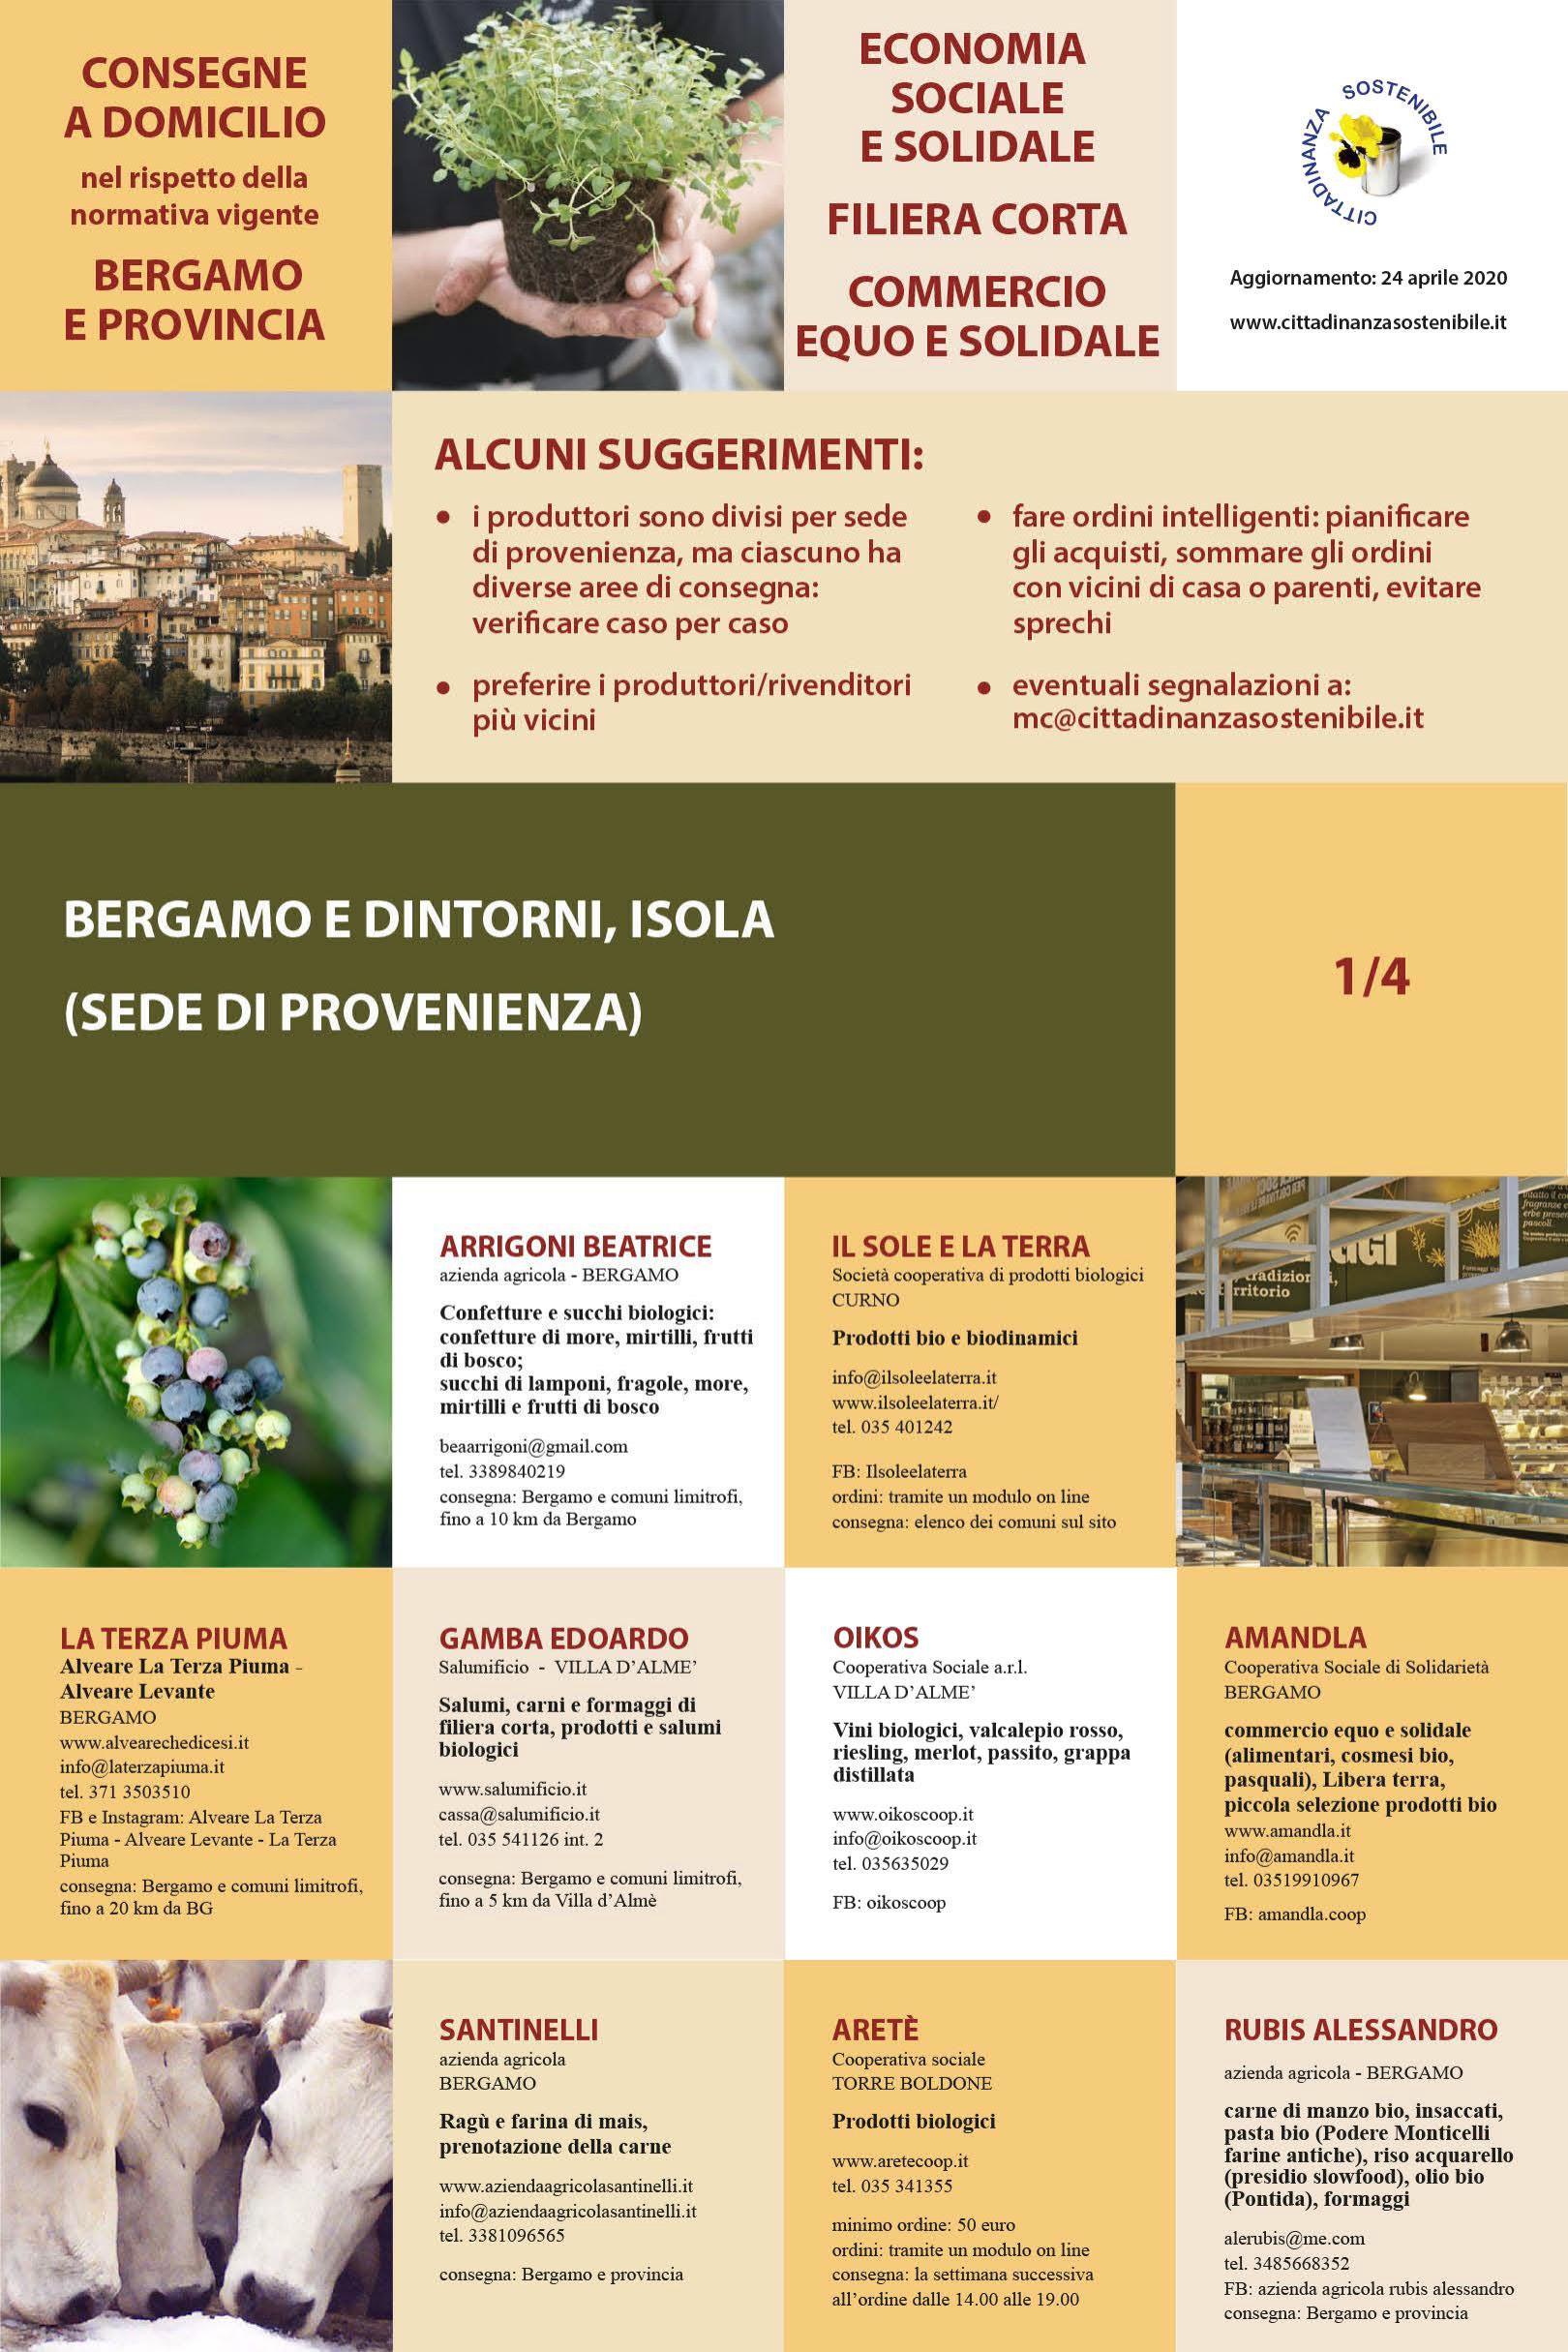 Consegne a domicilio Bergamo e provincia